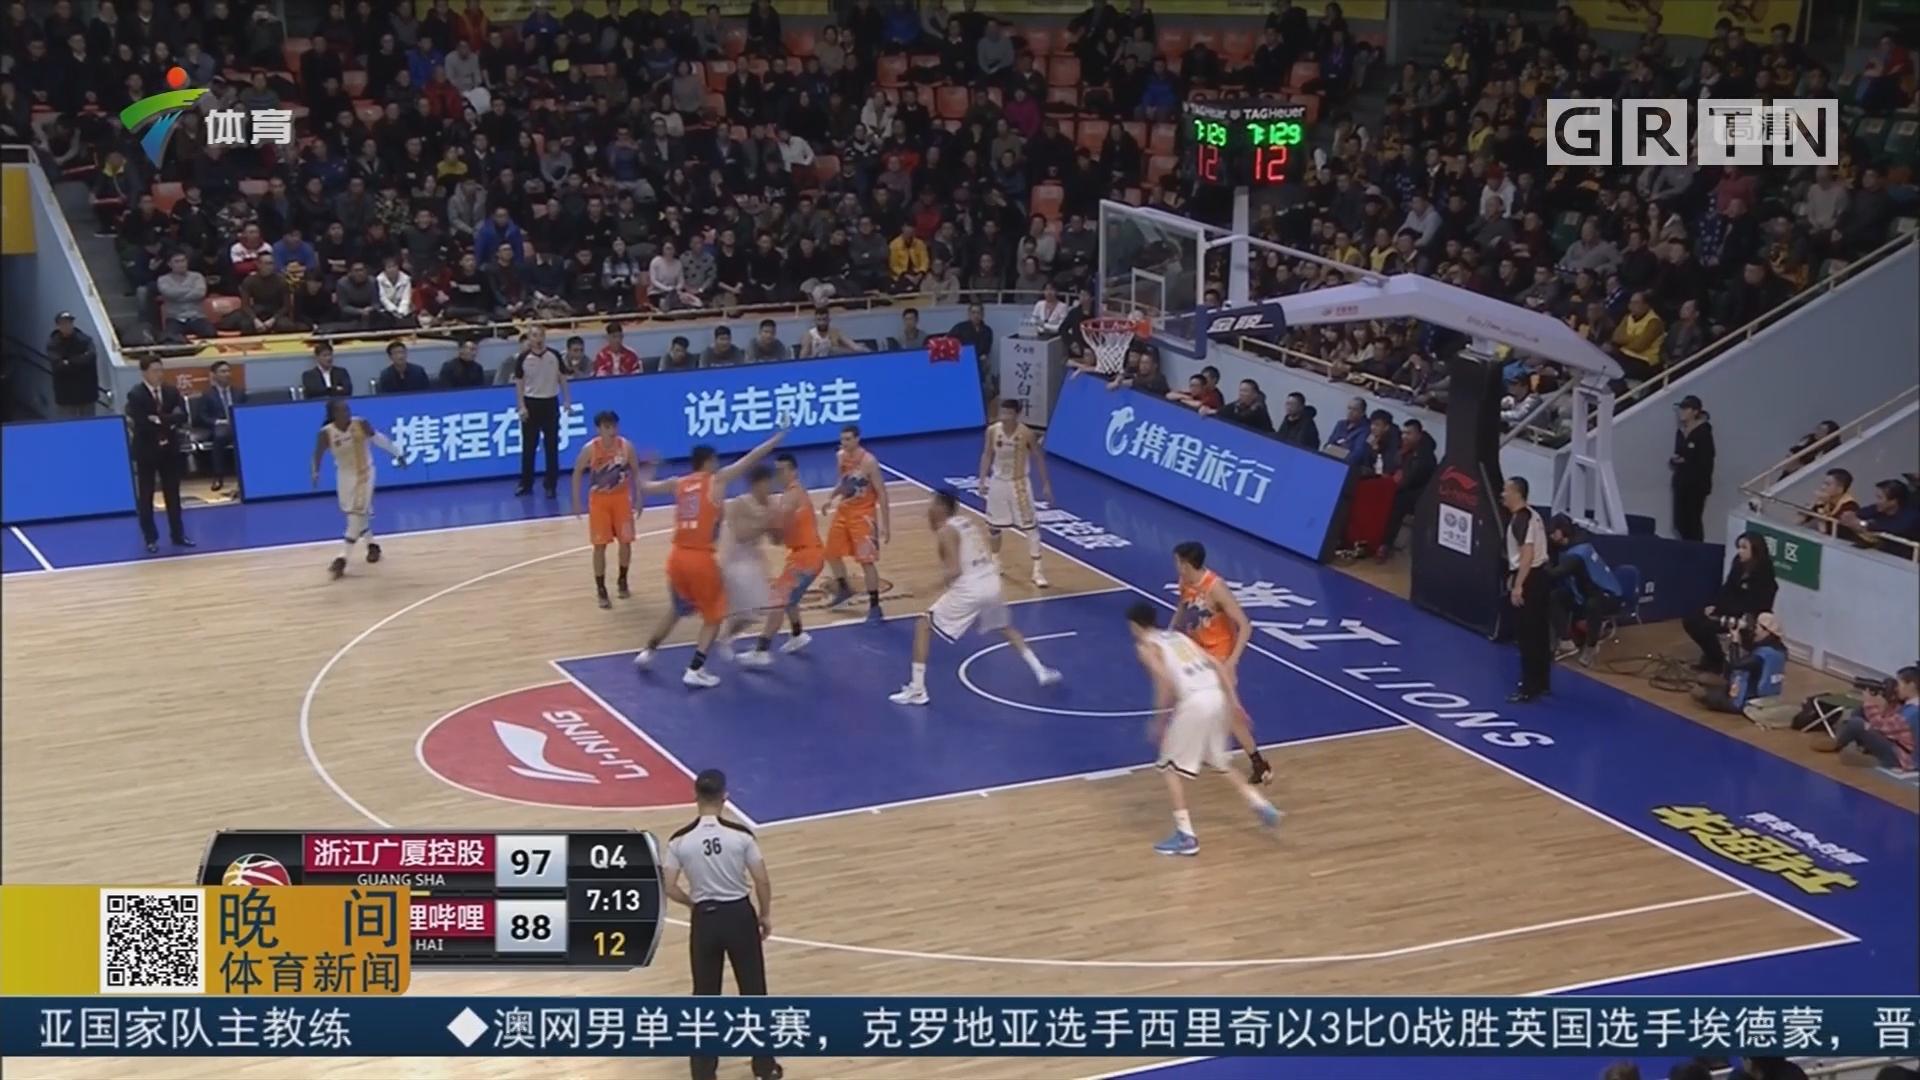 广厦擒上海 锁定季后赛席位